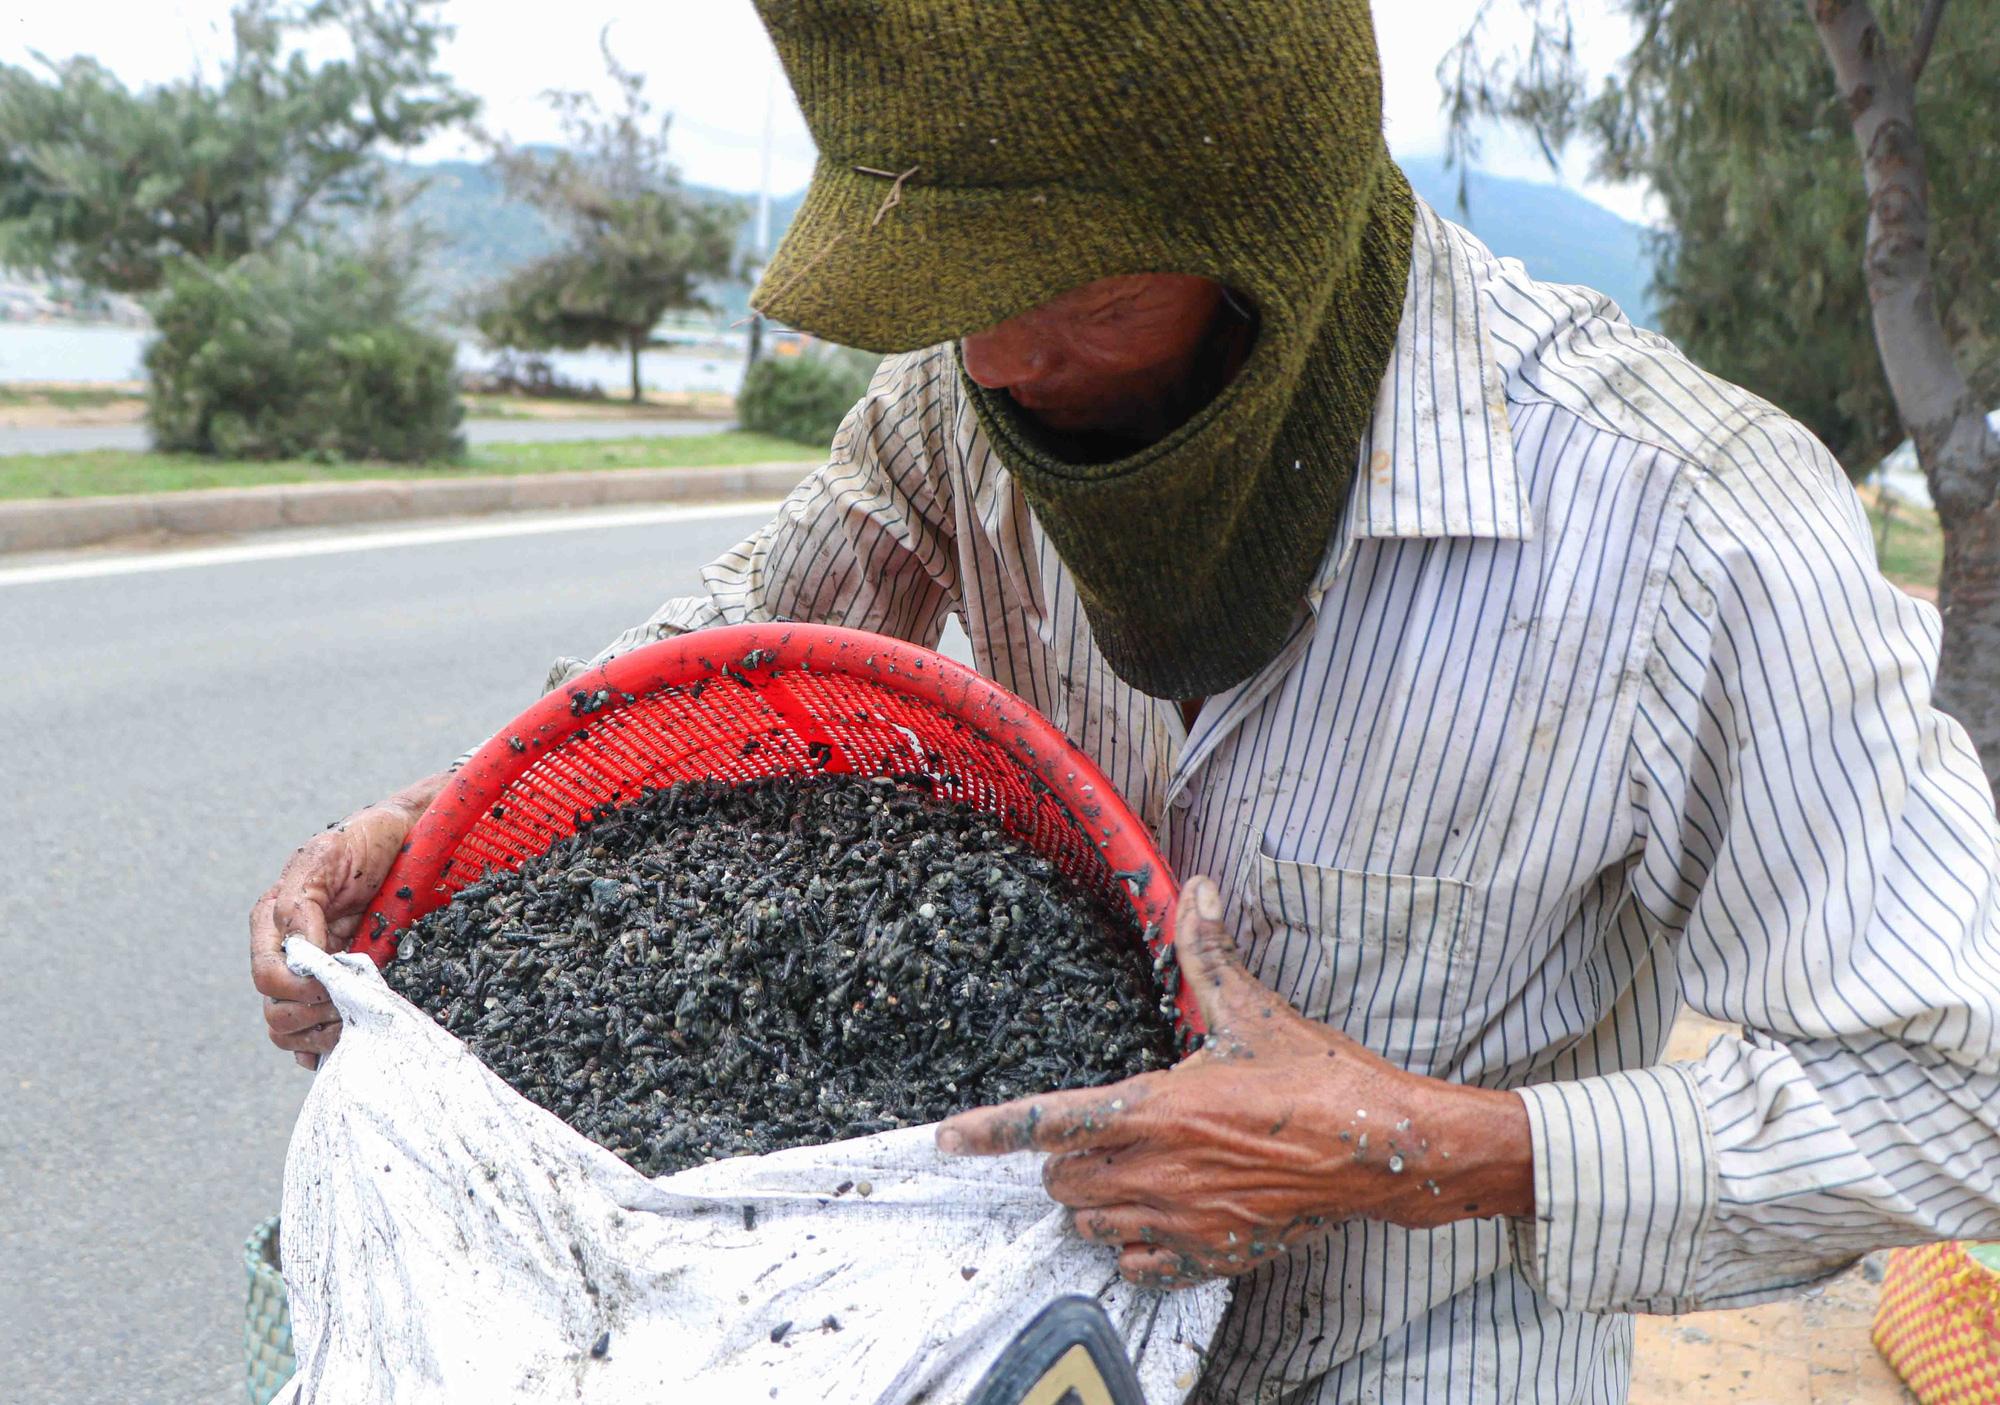 Ninh Thuận: Ngụp lặn cả ngày mò con ốc đen, tuy vất vả nhưng nông dân cũng kiếm 200.000 đồng/ngày